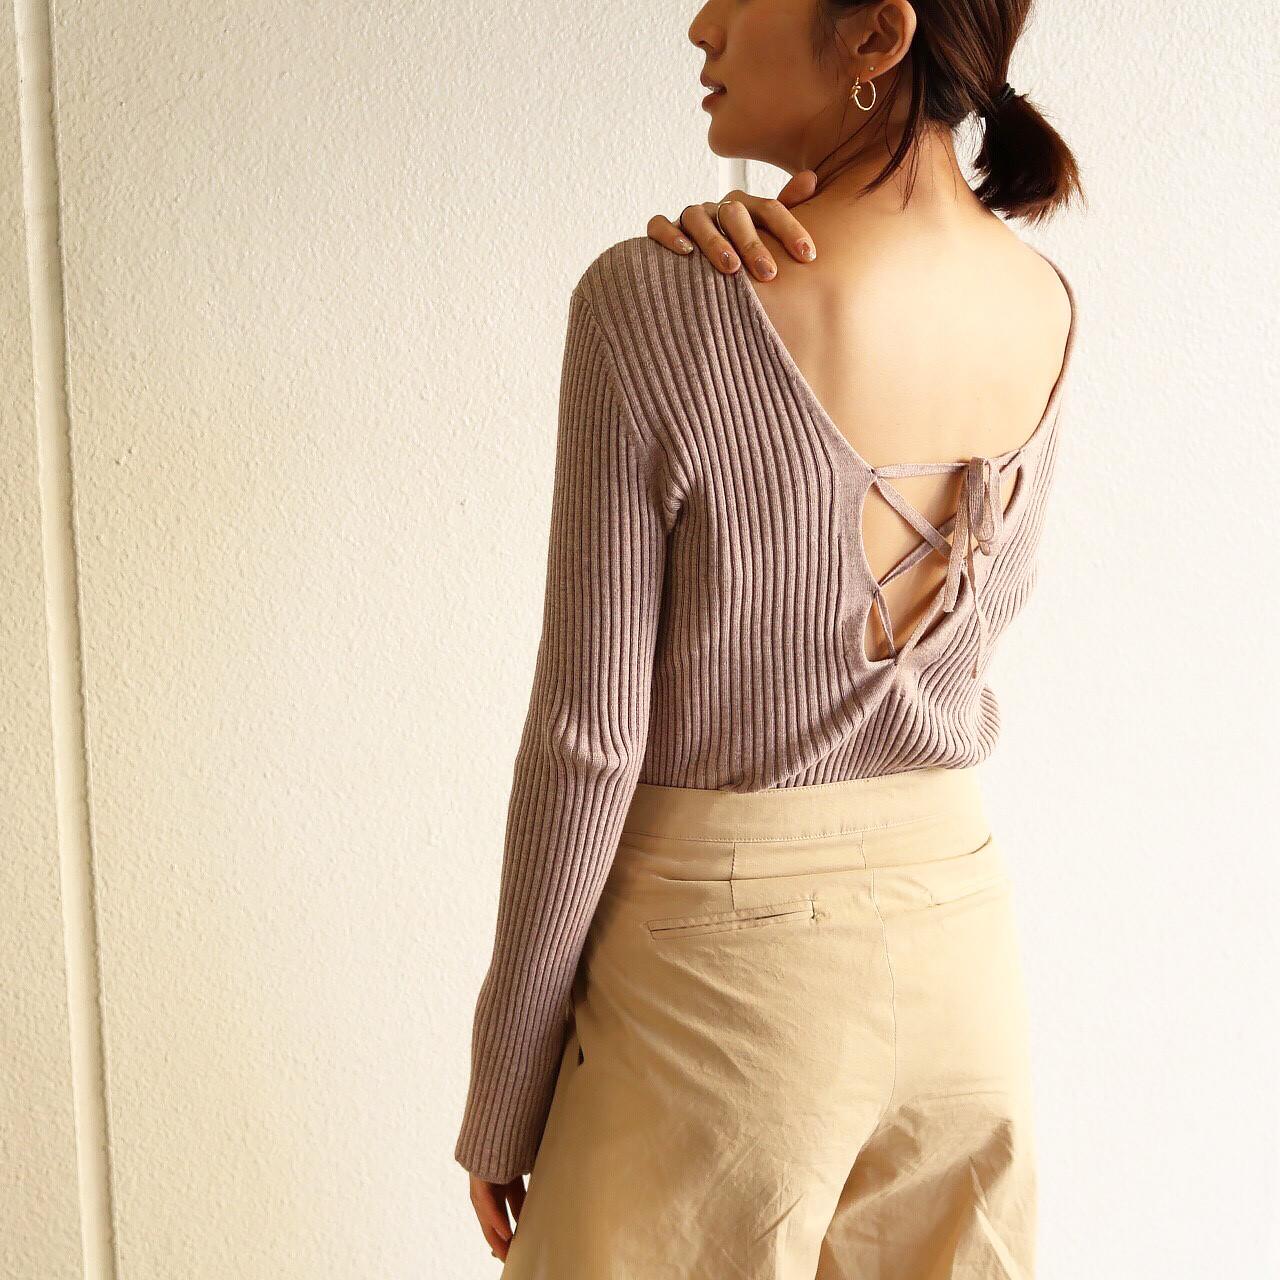 2Way Lace-up Knit